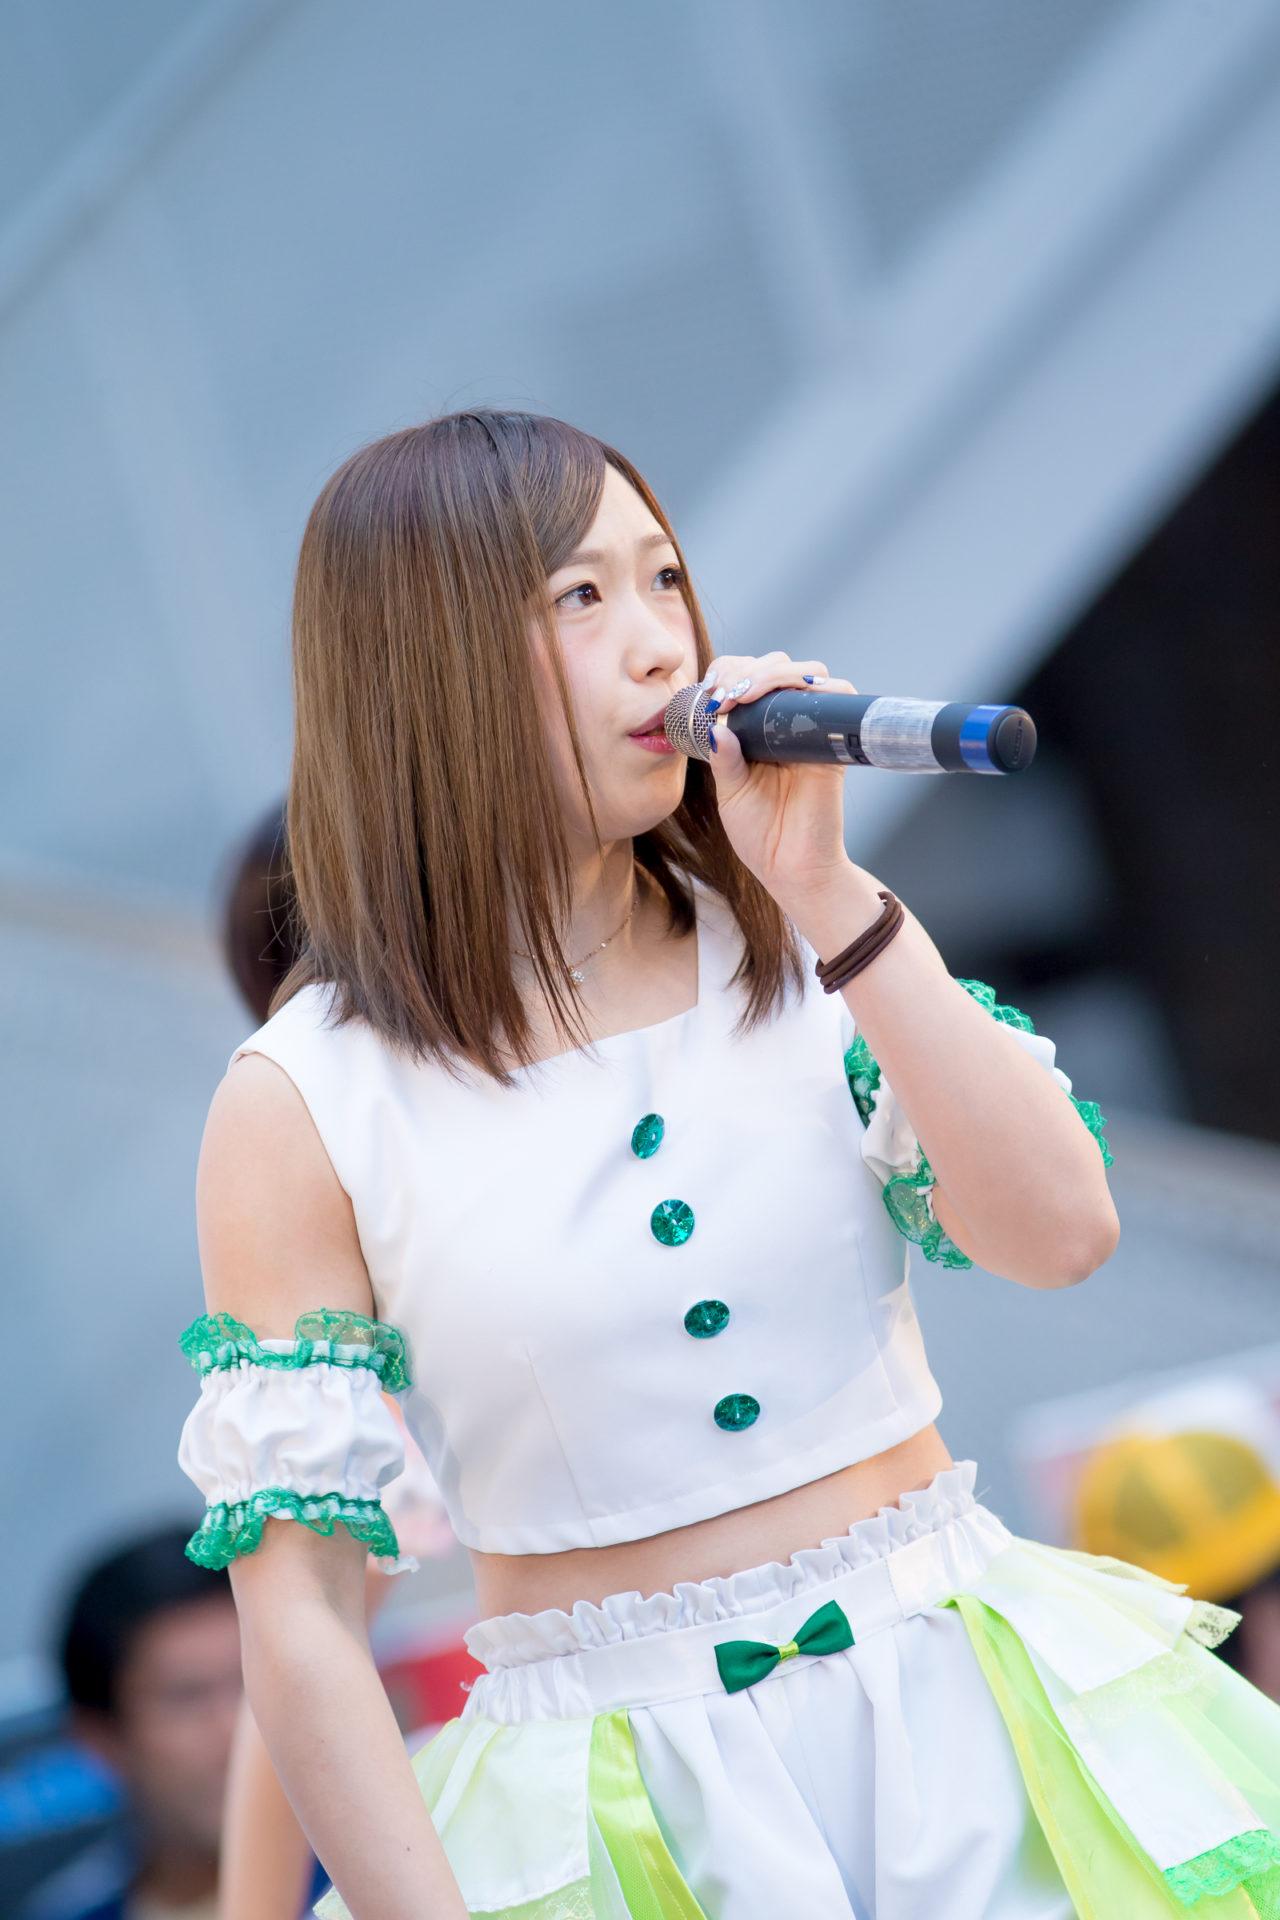 フルーティー♡ おばち ( 小原優花 )   キッズ JOB TOWN in サッポロファクトリー